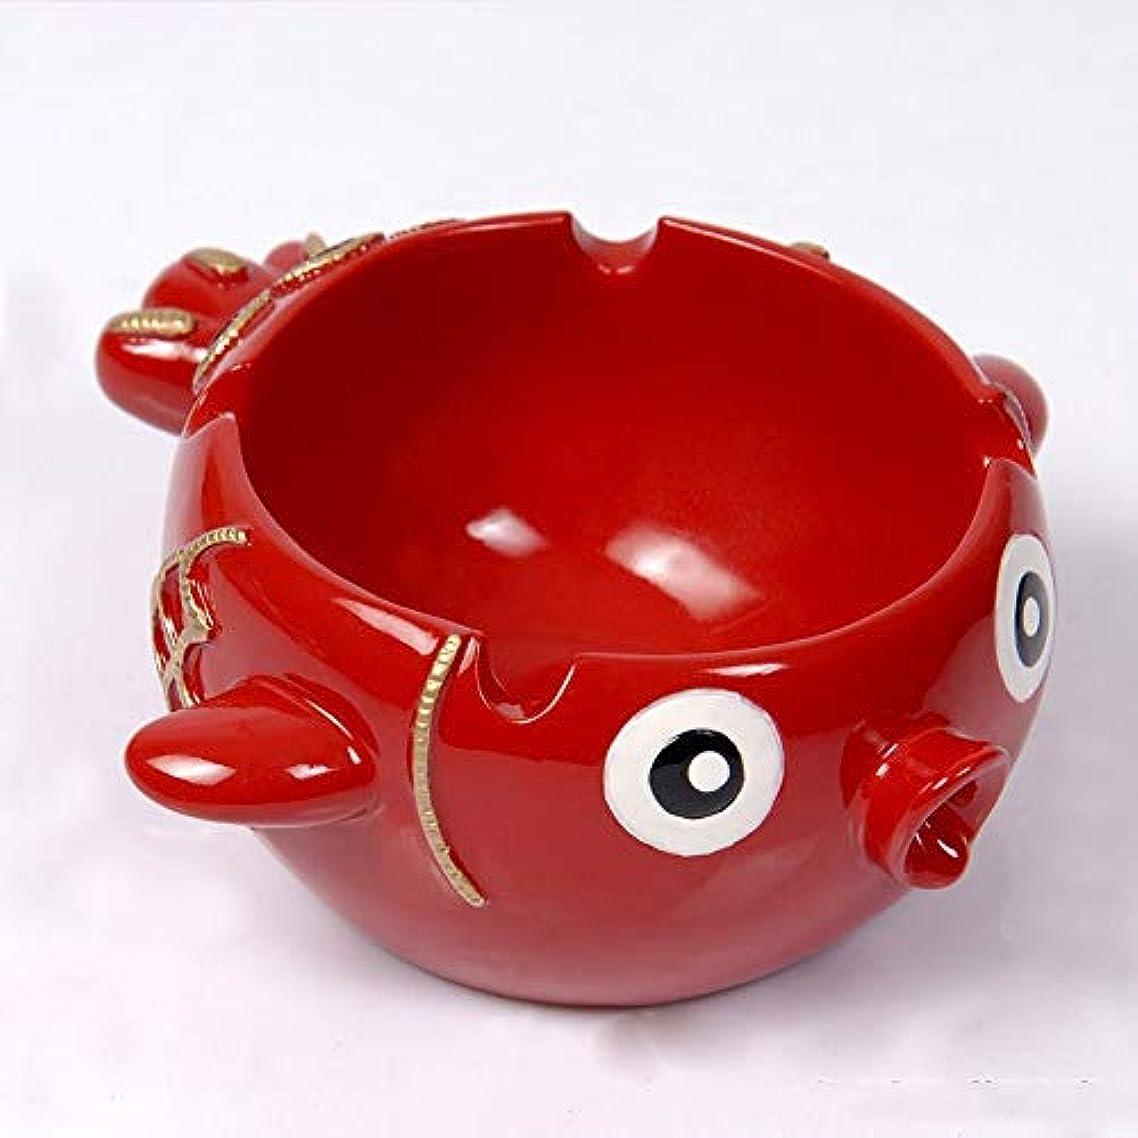 休眠チップ伝統的タバコ、ギフトおよび総本店の装飾のための灰皿の円形の光沢のある樹脂の灰皿